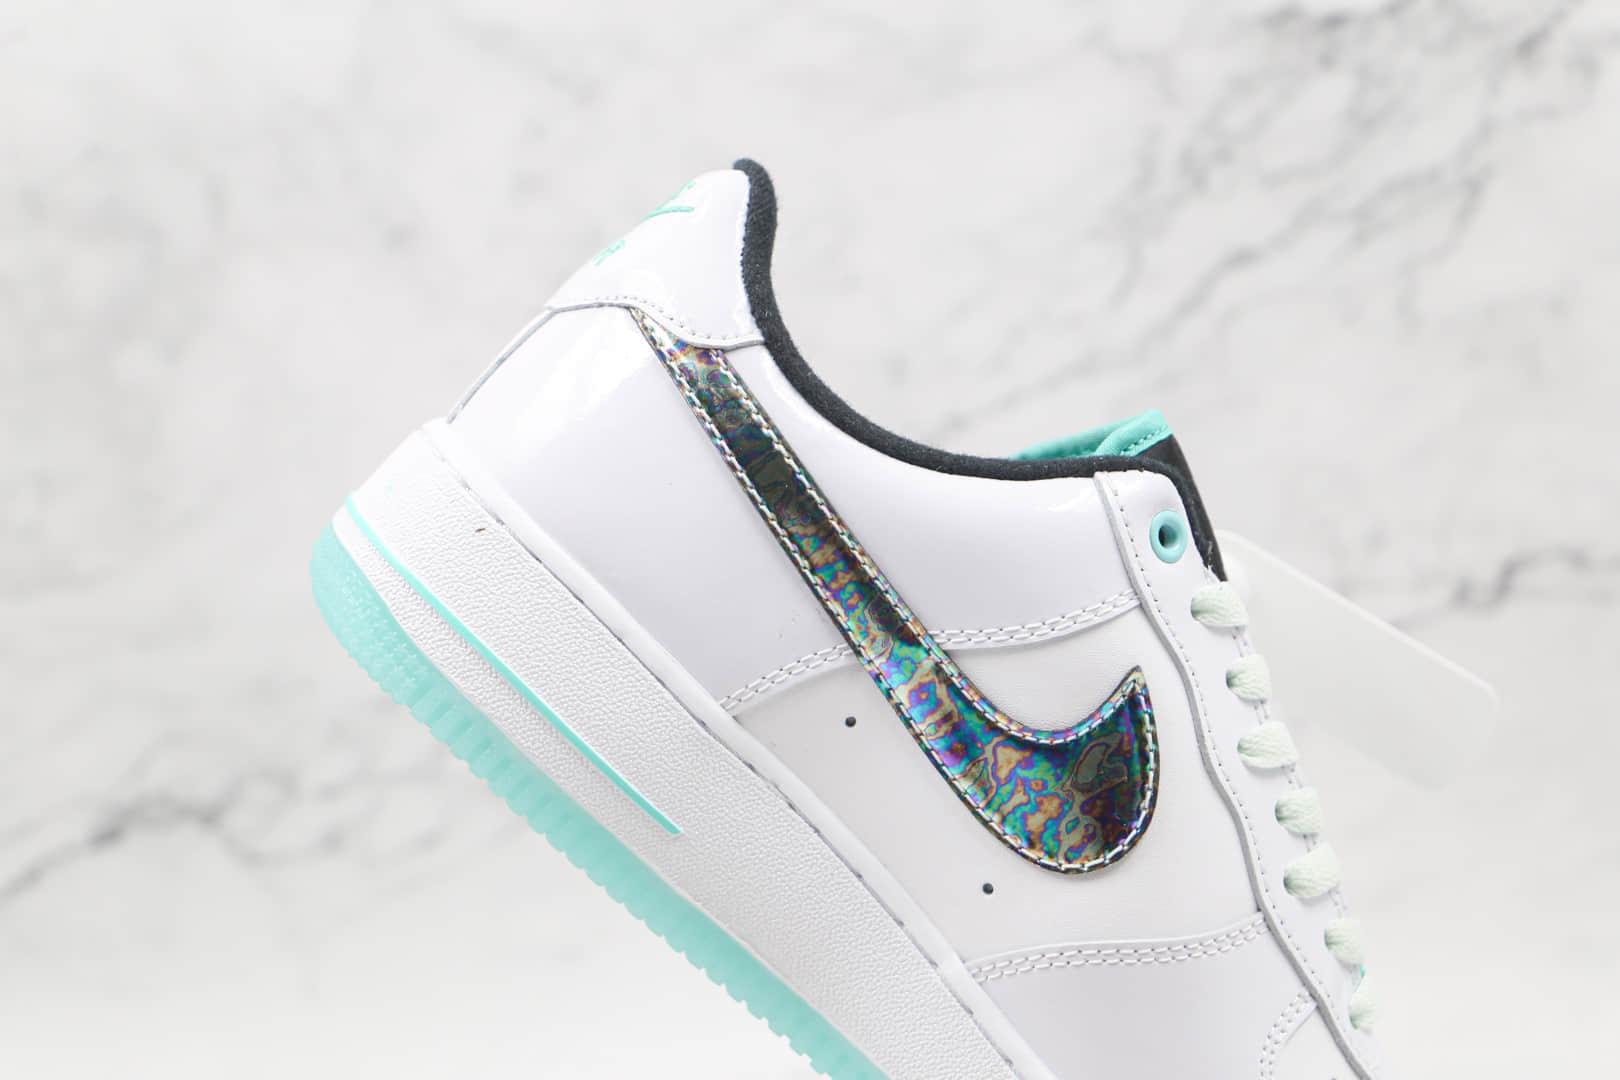 耐克Nike AIR FMRCE 1纯原版本低帮空军一号冰绿白色板鞋原楦头纸板打造 货号:DD9613-100